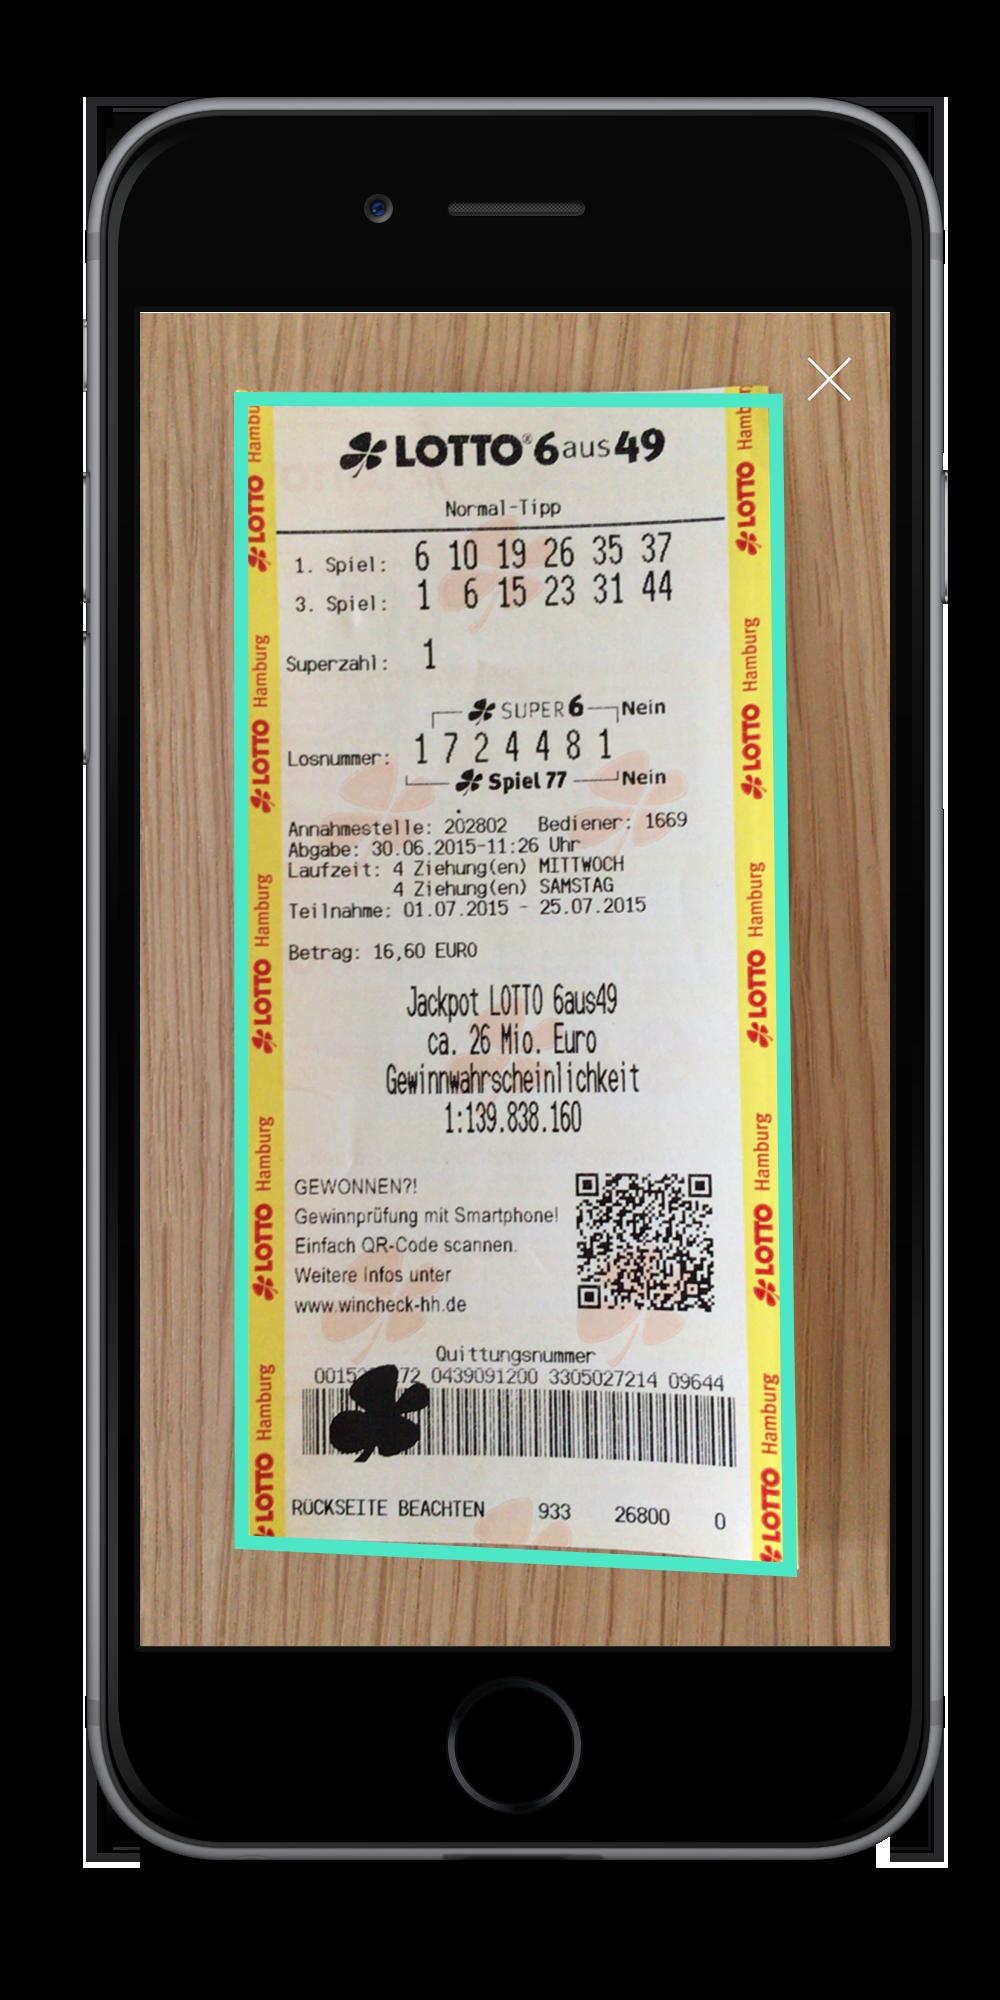 Lotto Scanner - automatische Erkennung der Lotto-Quittung